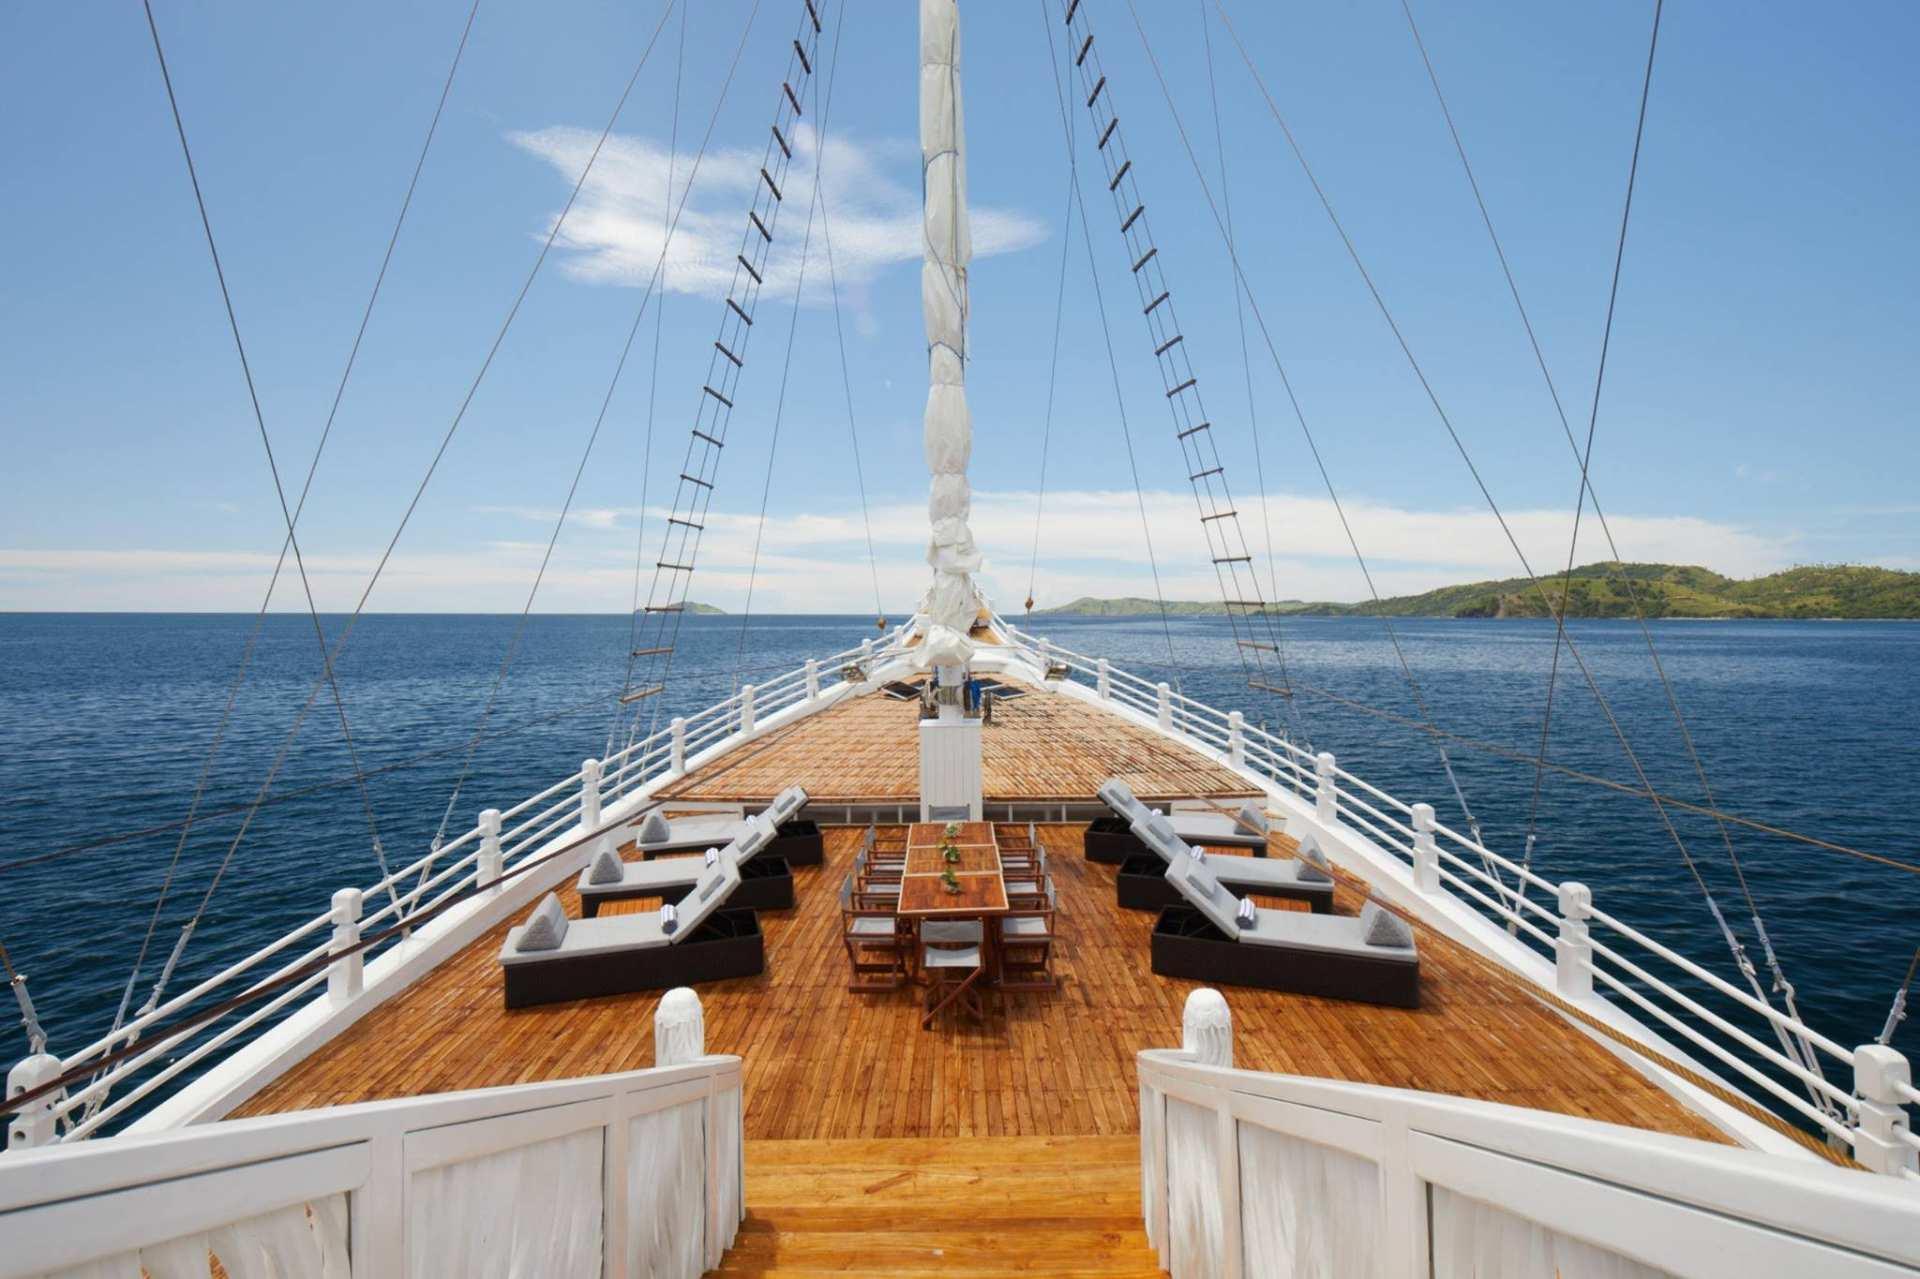 【科莫多島五天四夜】五星級阿雅娜科莫多度假村、豪華木質帆船體驗船宿、科莫多國家公園跳島一日遊